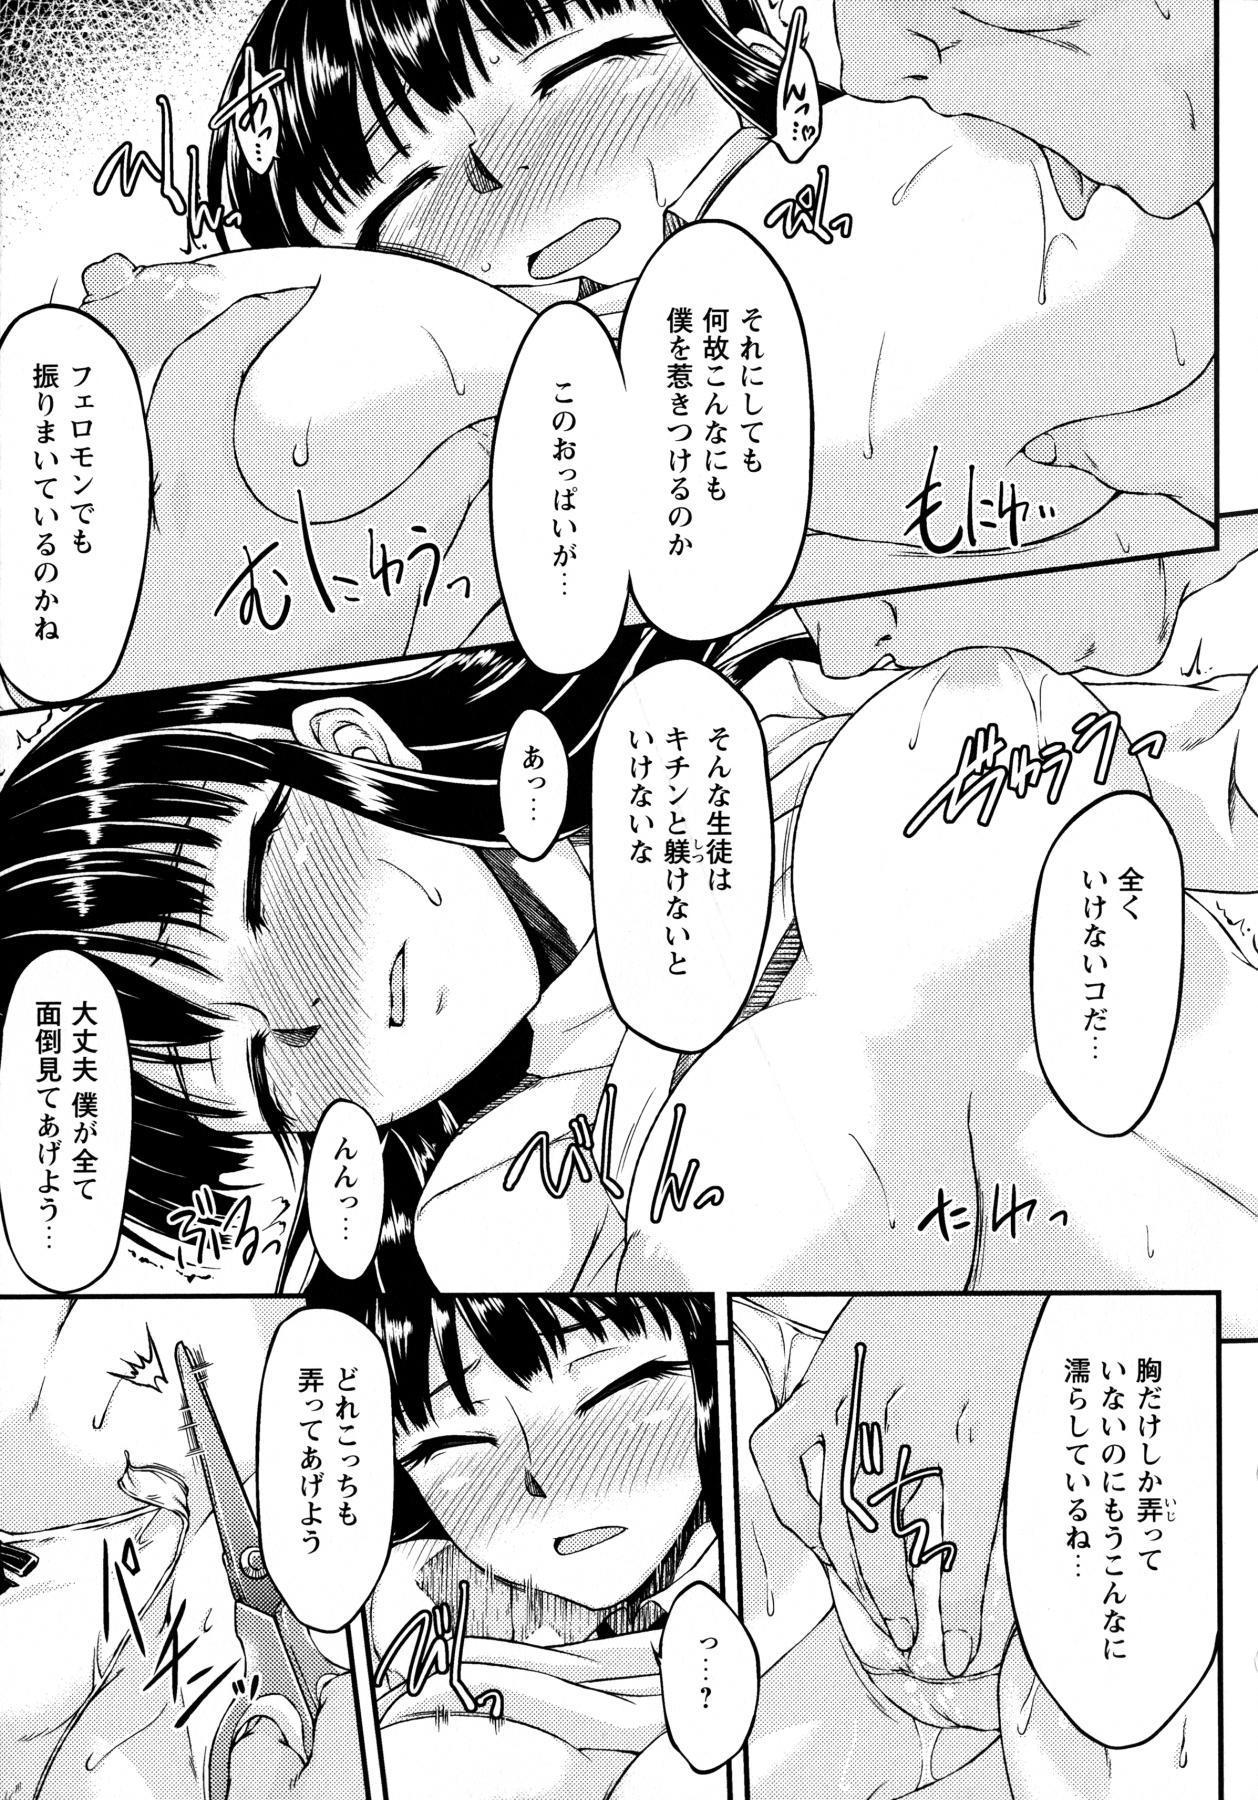 Ochita Tenshi wa Hakanakumo 92